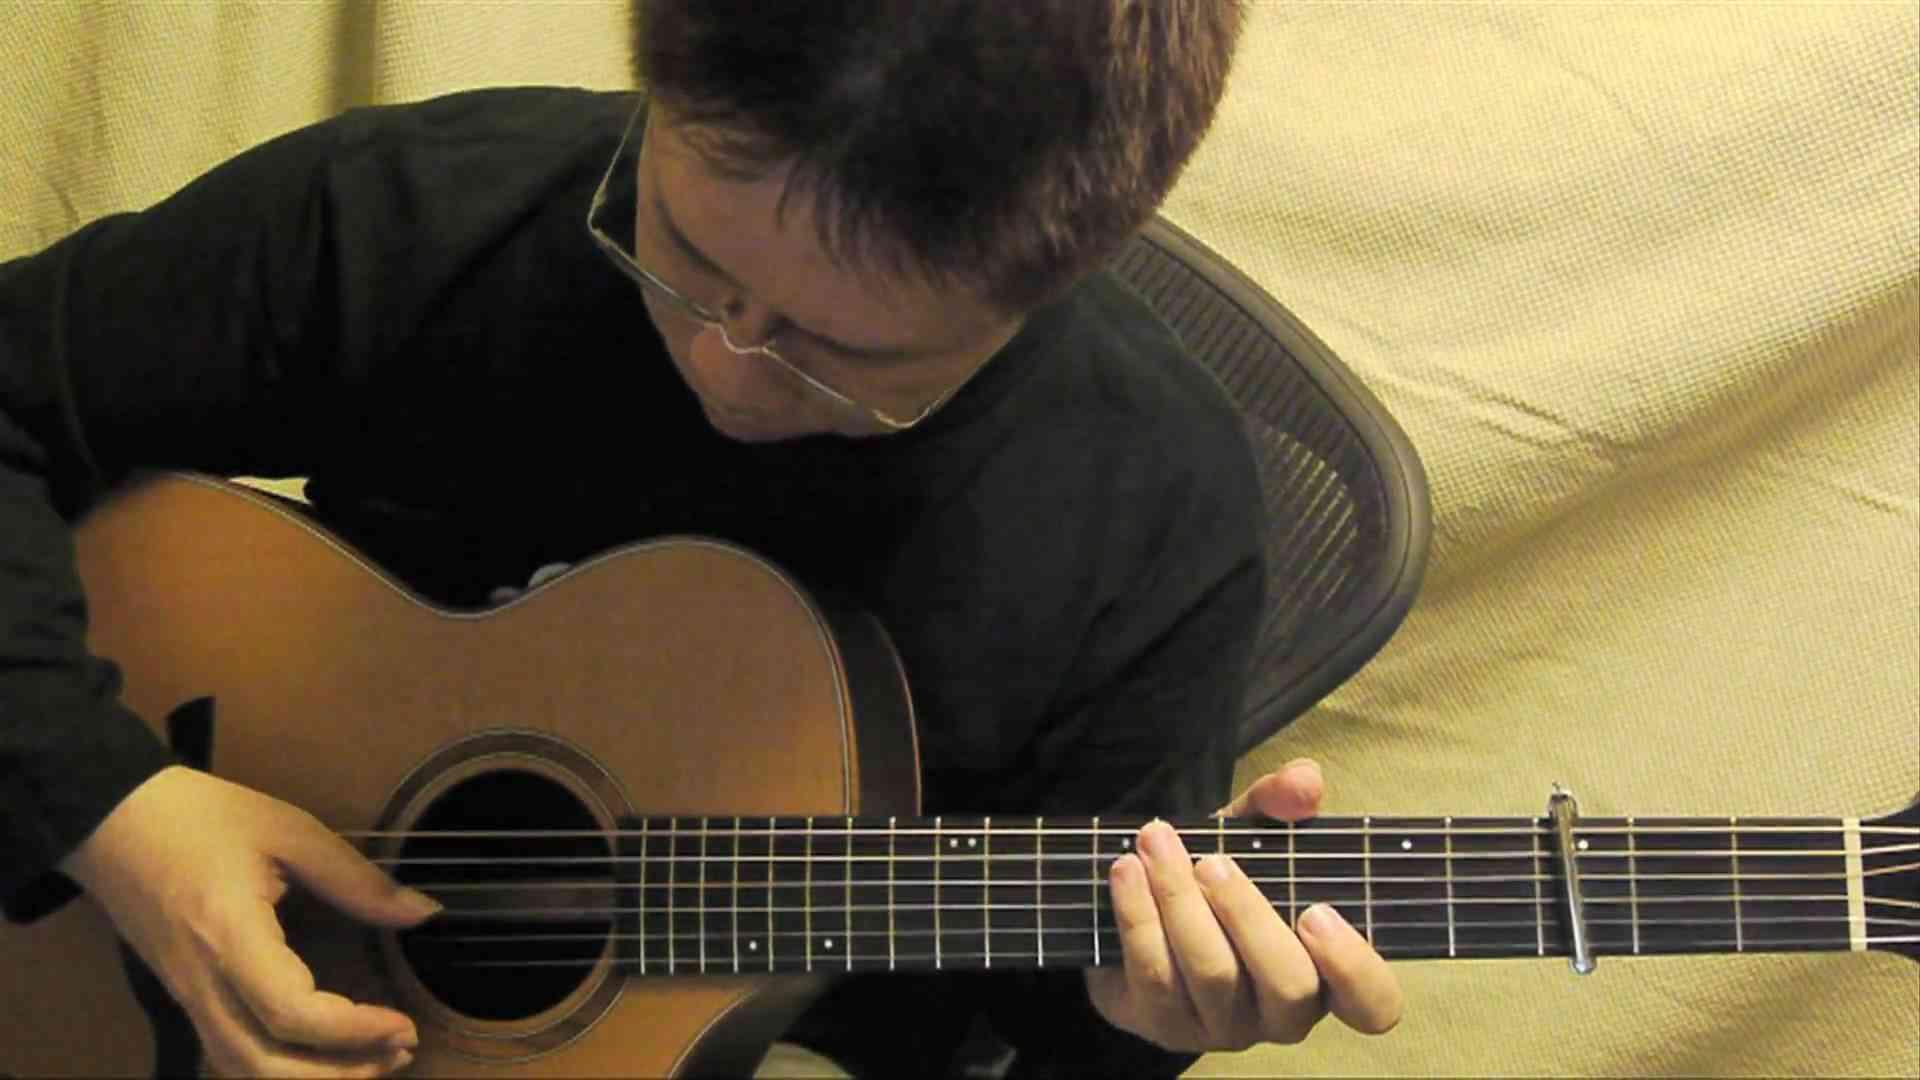 サザエさん一家 (acoustic guitar solo) - YouTube